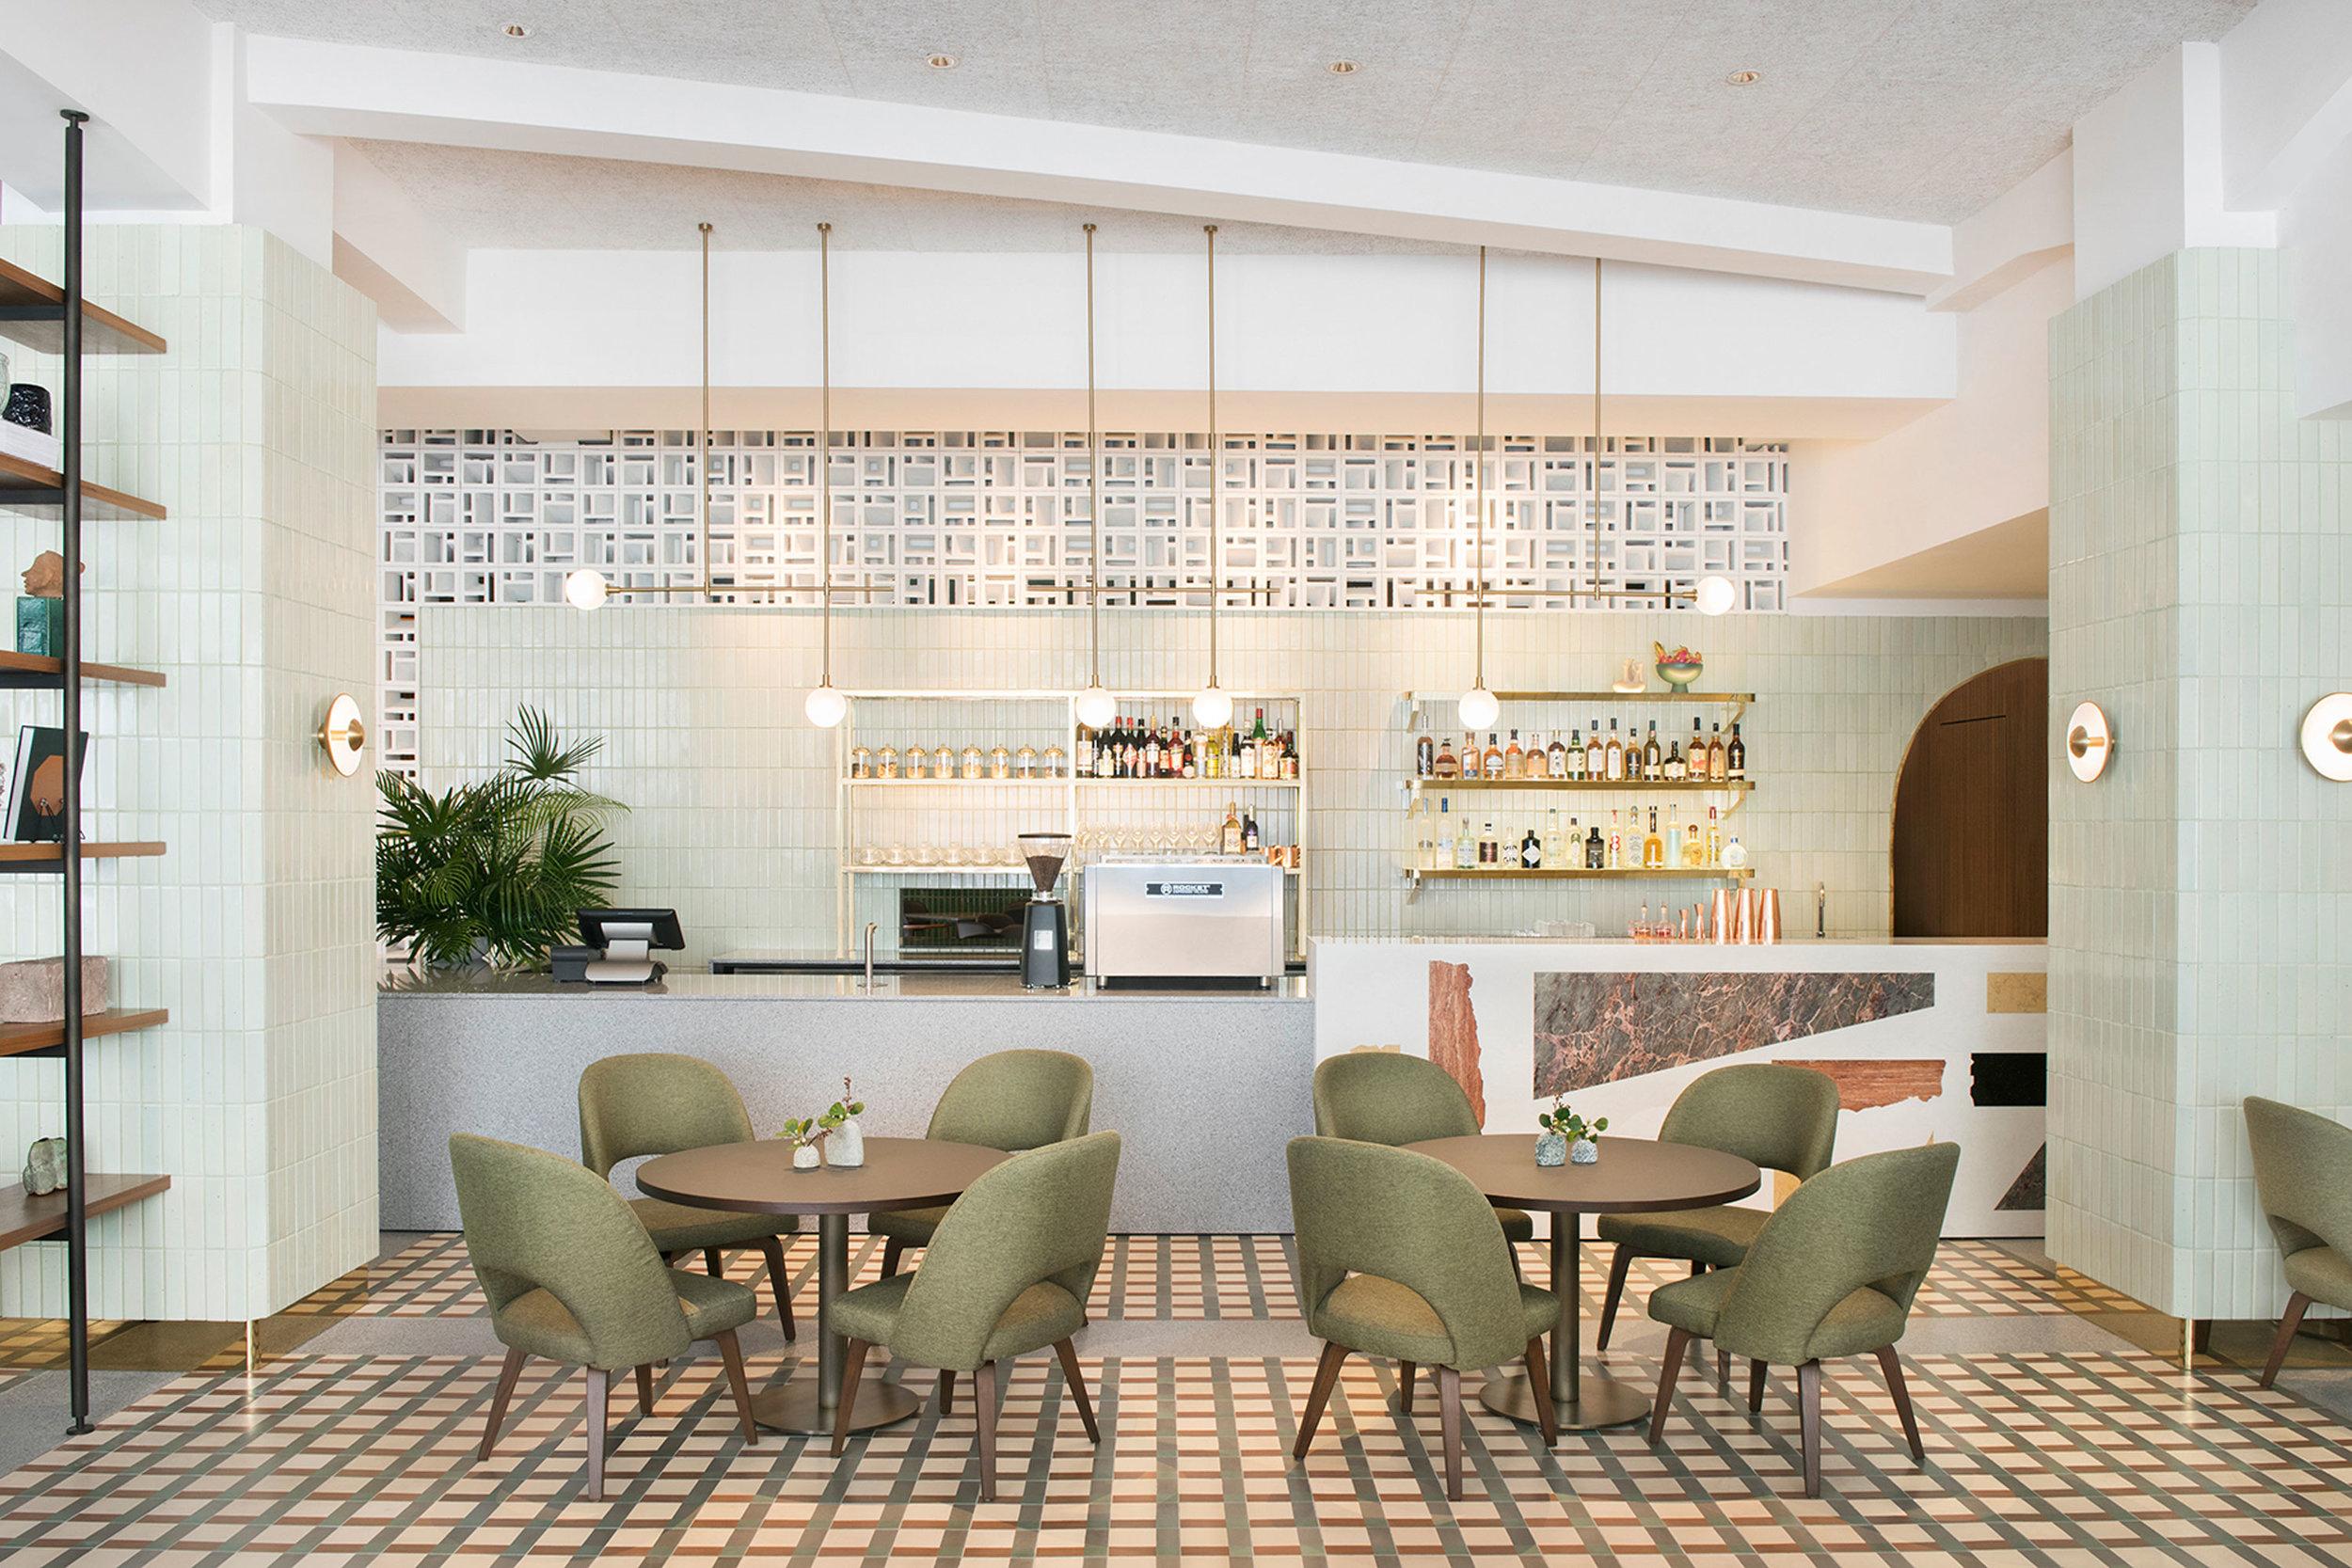 spaces-dining-2.jpg